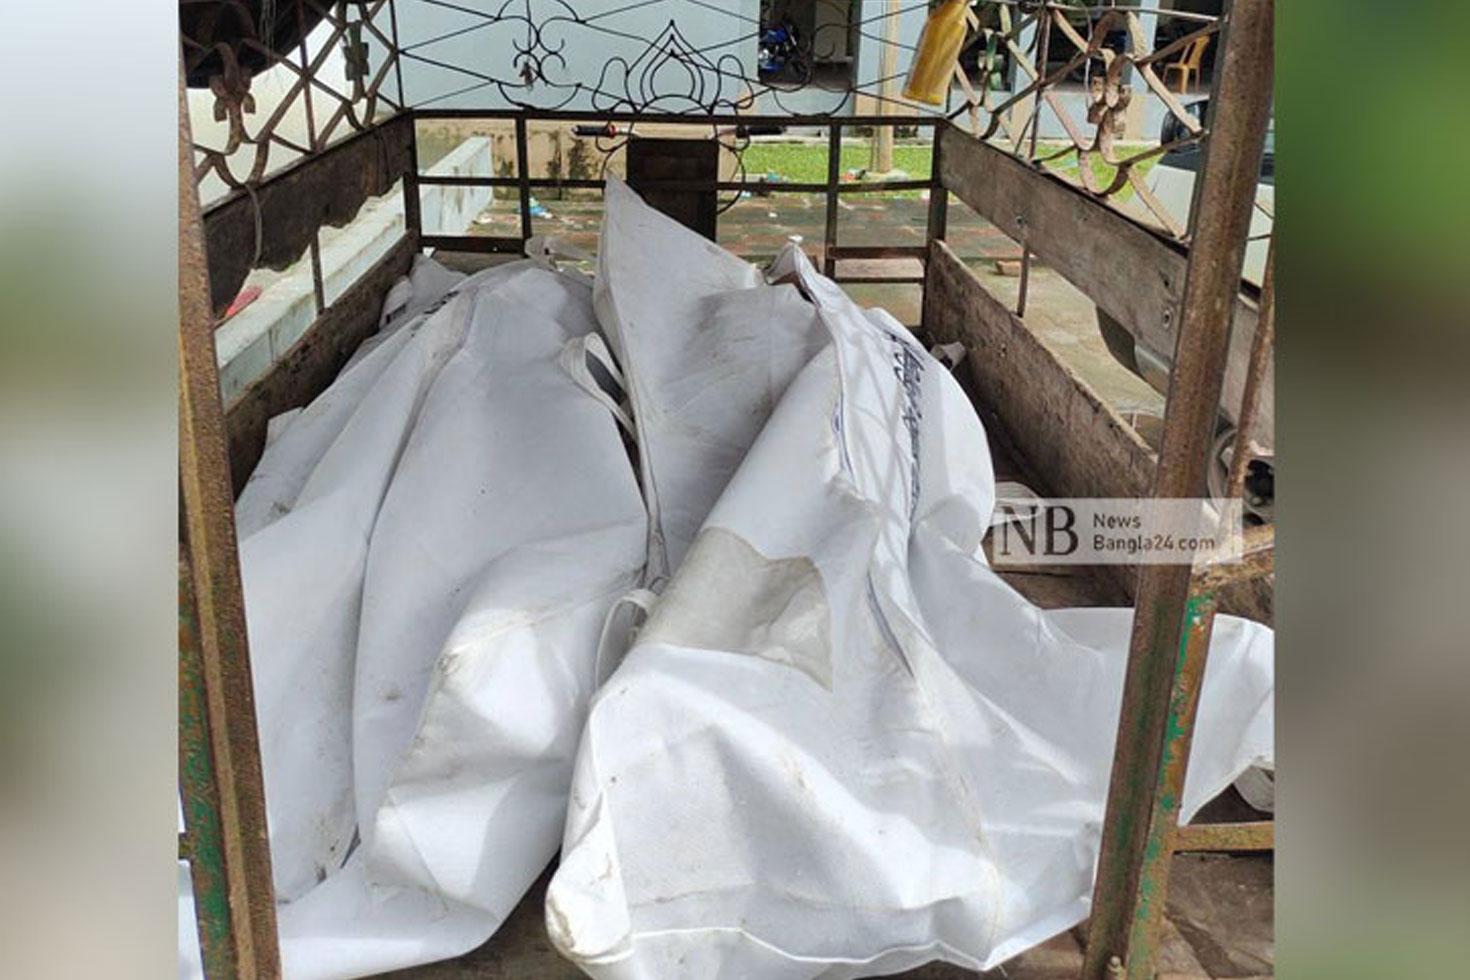 ঘরে স্ত্রীর রক্তাক্ত ও স্বামীর ঝুলন্ত মরদেহ